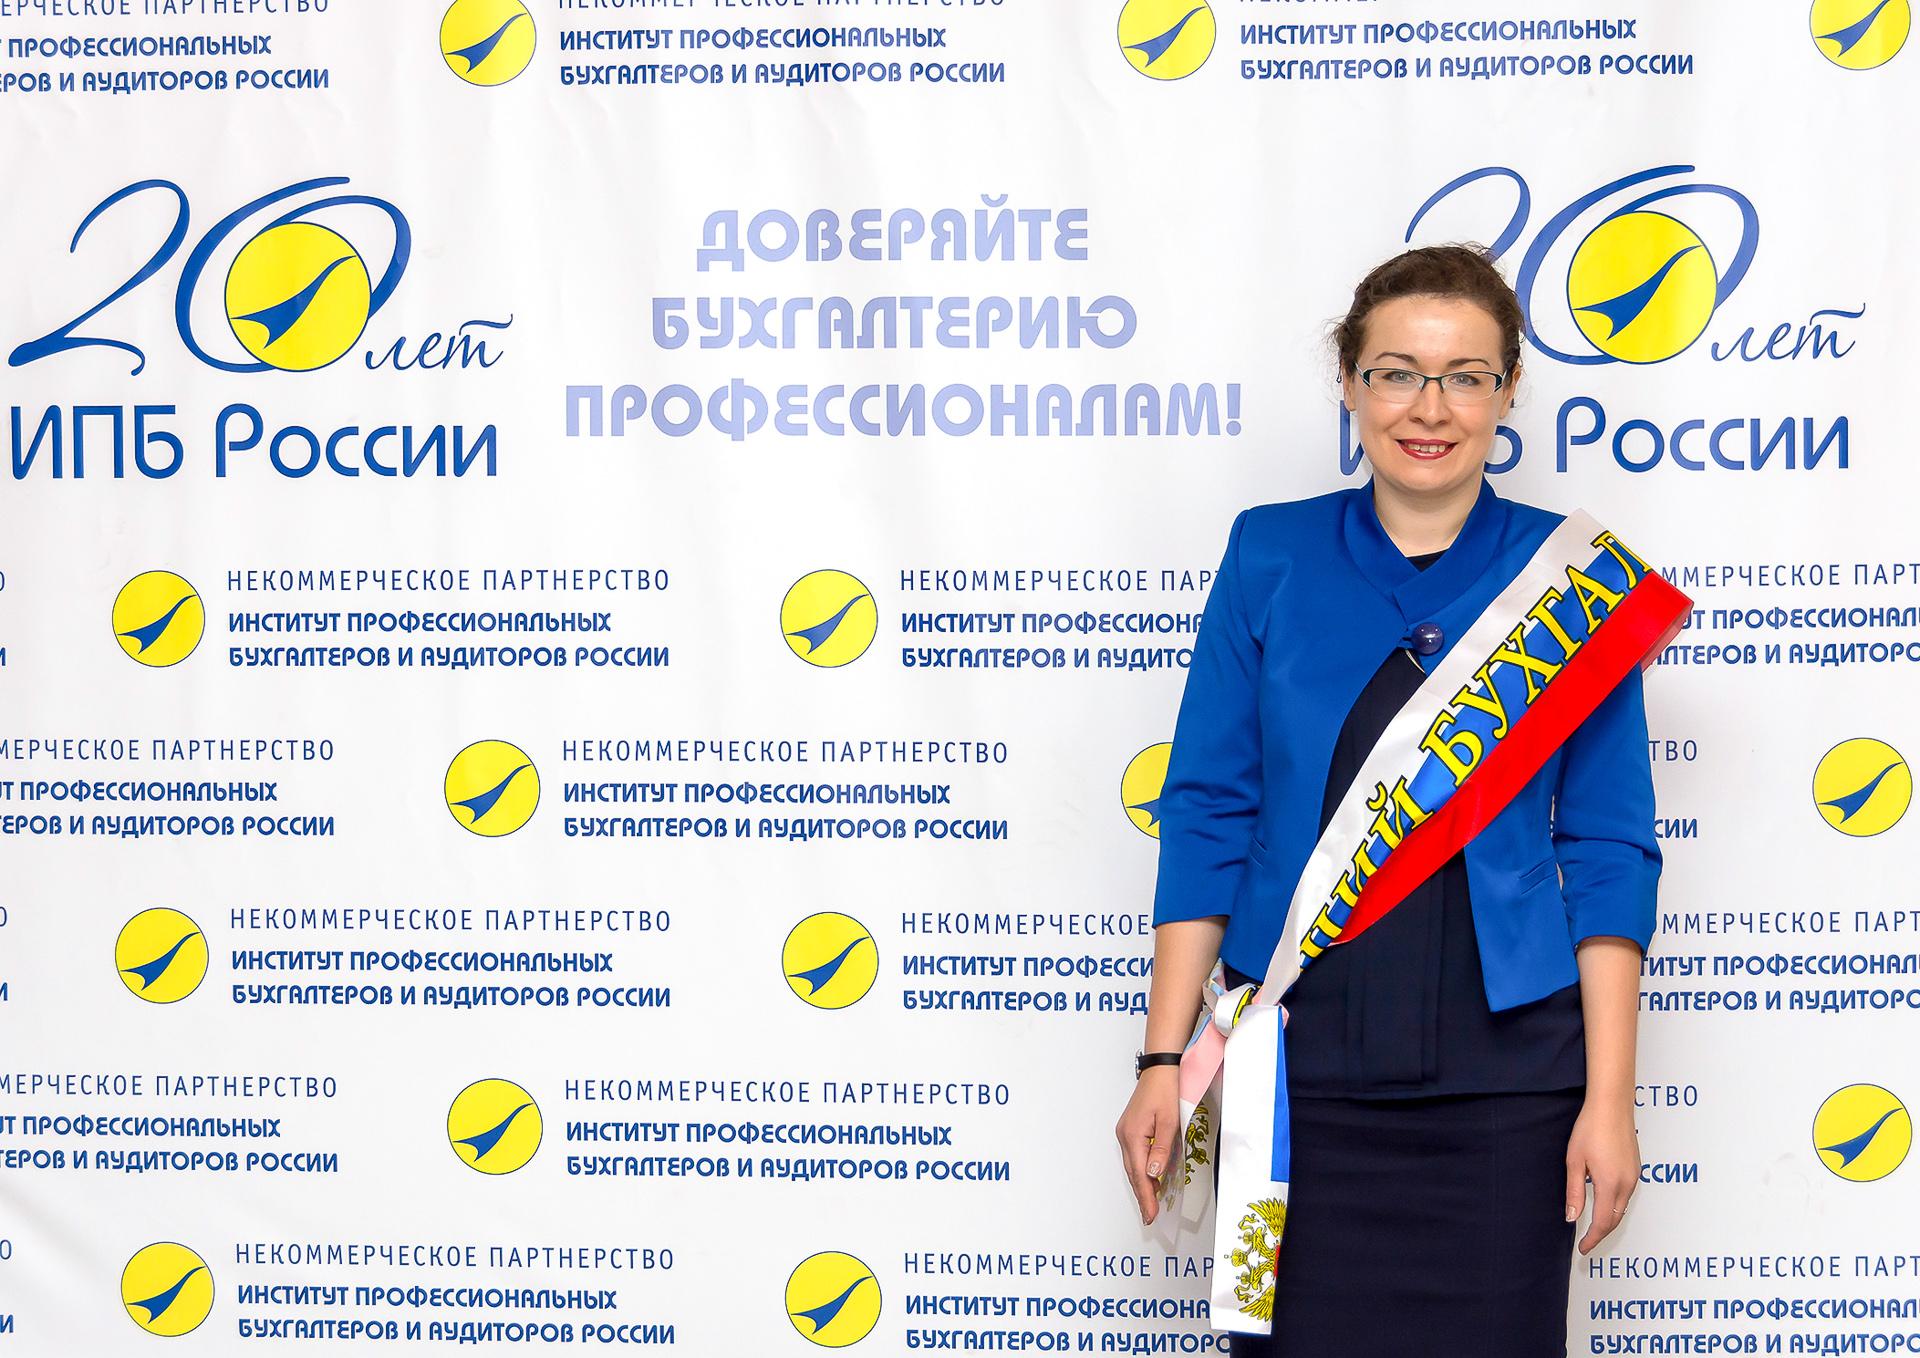 Институт проф бухгалтера бухгалтер на дому в ярославле